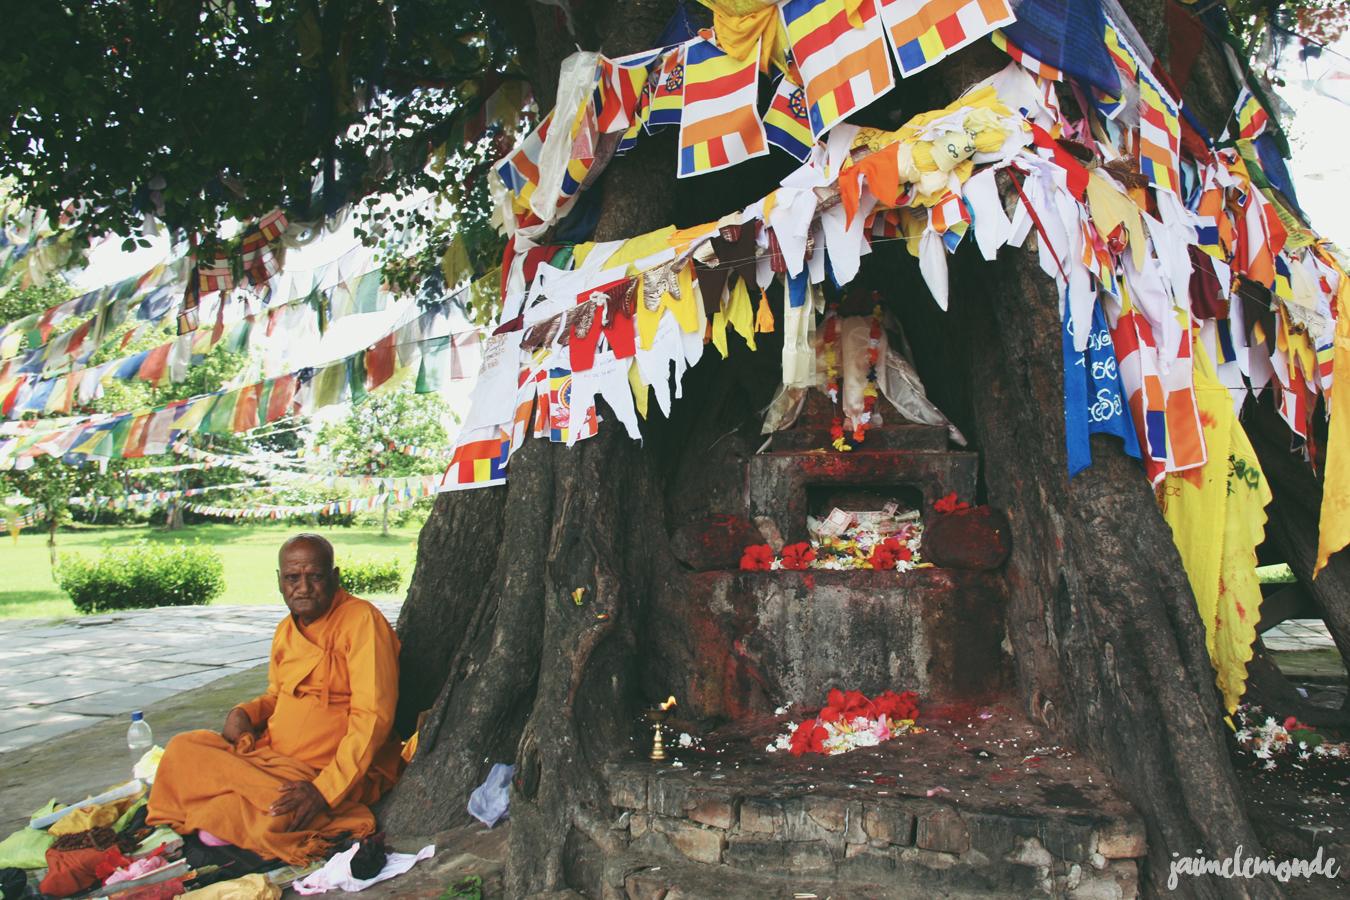 Blog voyage - 50 photos au Népal - ©jaimelemonde (20)